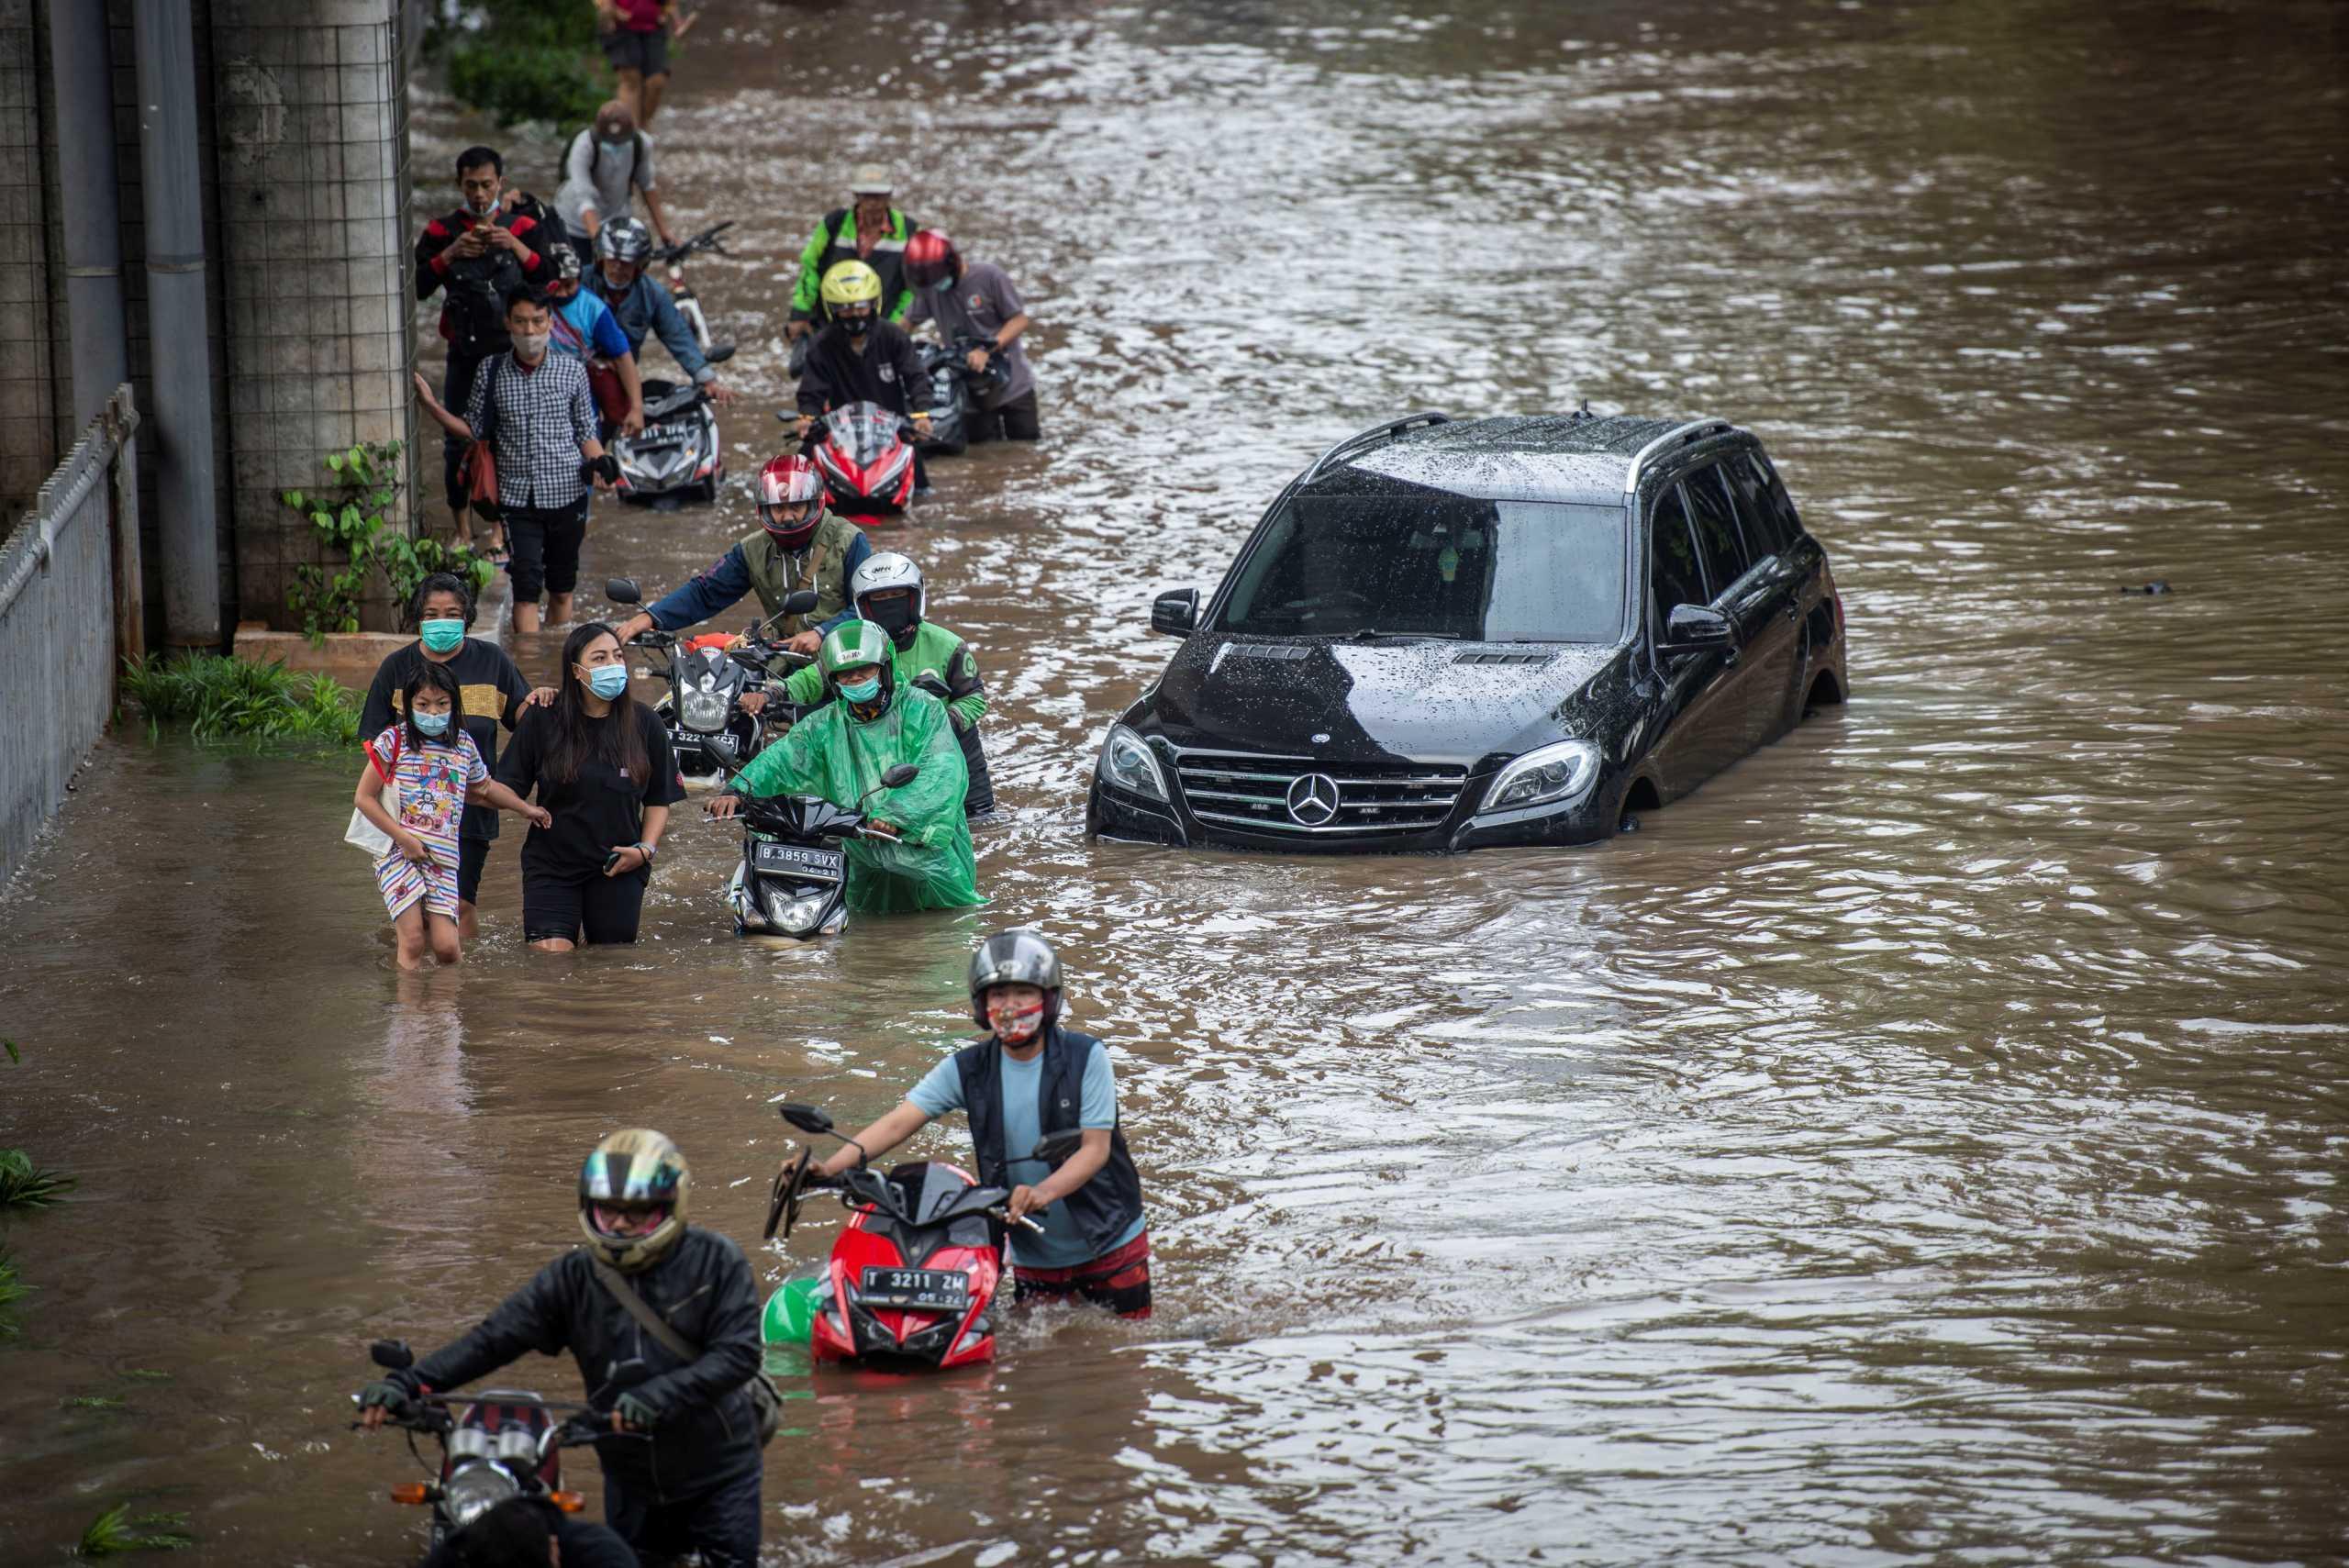 Ινδονησία: Νέες καταστροφικές πλημμύρες σαρώνουν την Τζακάρτα